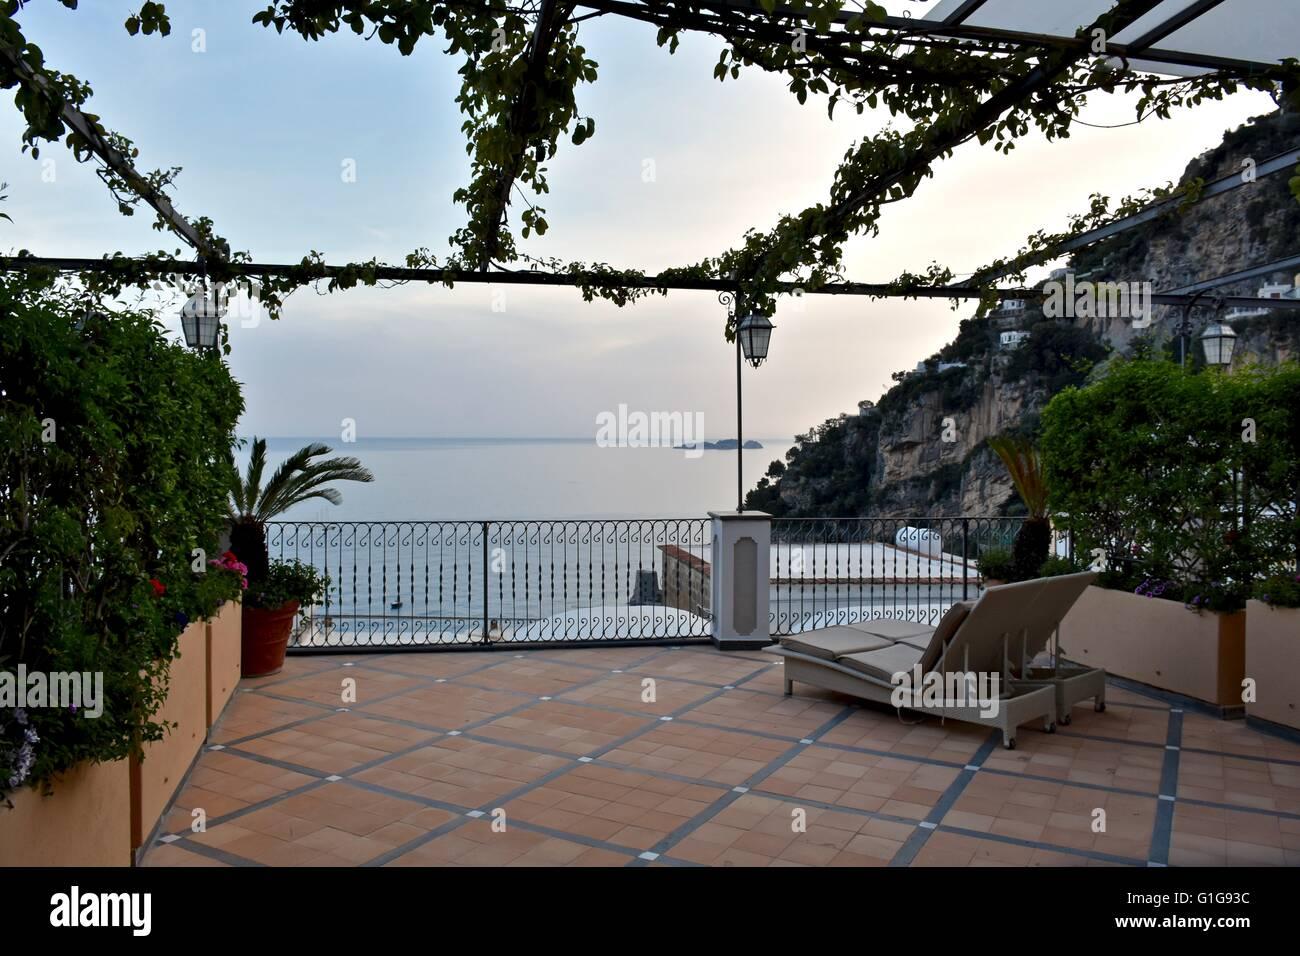 Un hermoso balcón con vistas a la ciudad costera de Positano, Italia Imagen De Stock